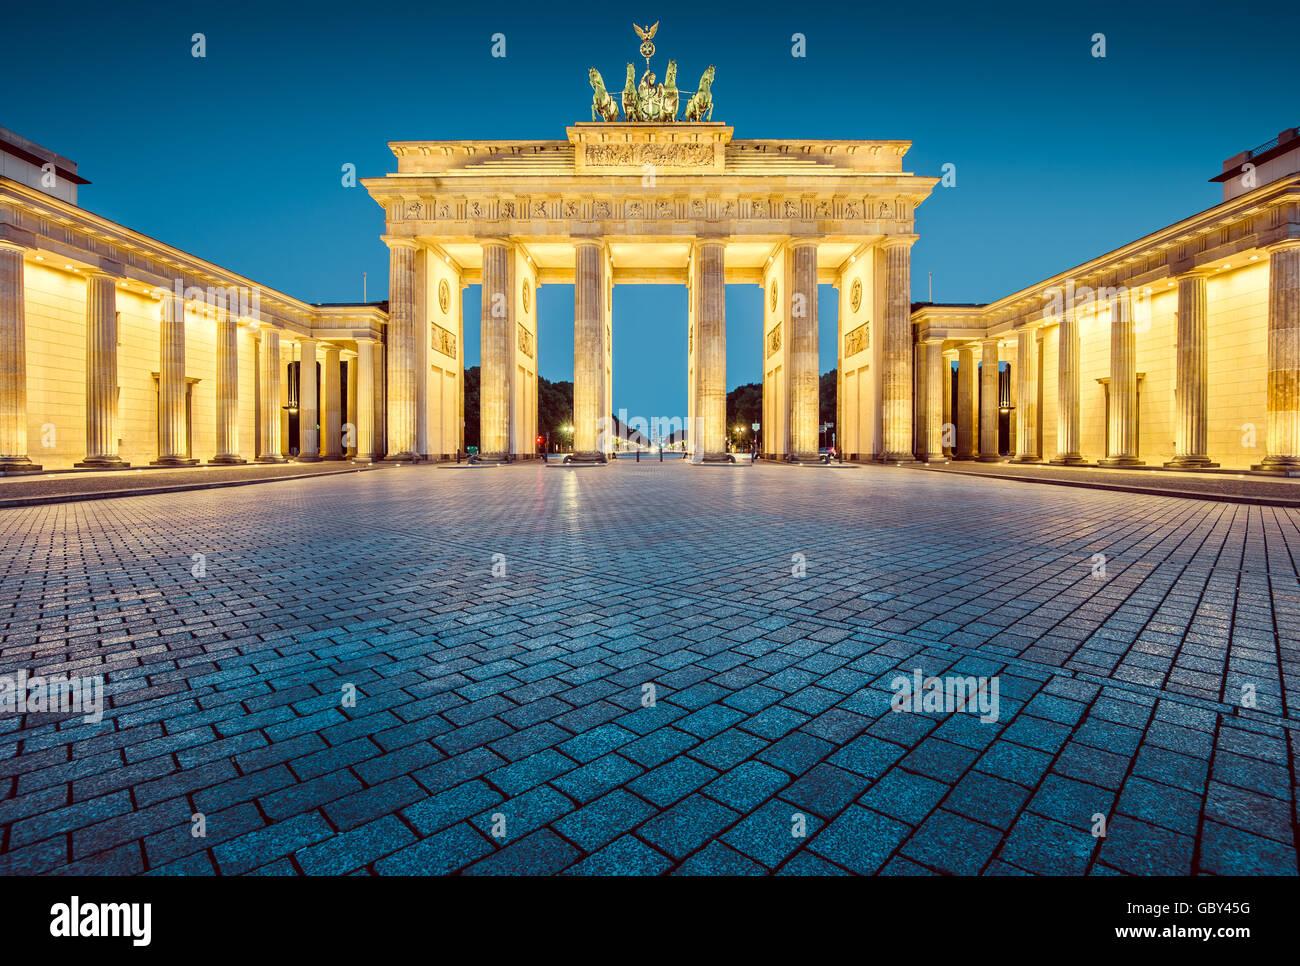 Vista clásica de la famosa Puerta de Brandenburgo en penumbra, el centro de Berlín, Alemania Imagen De Stock